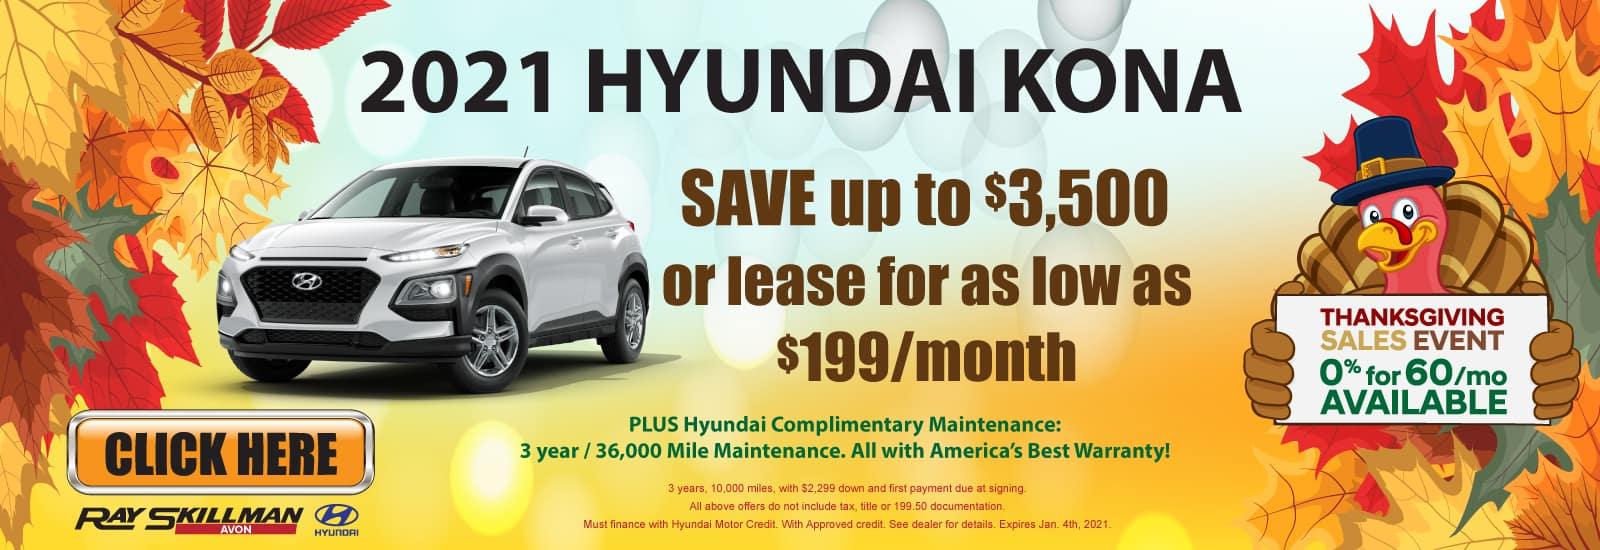 2021-Hyundai-Kona-Web-Banner-1600×550 – Avon